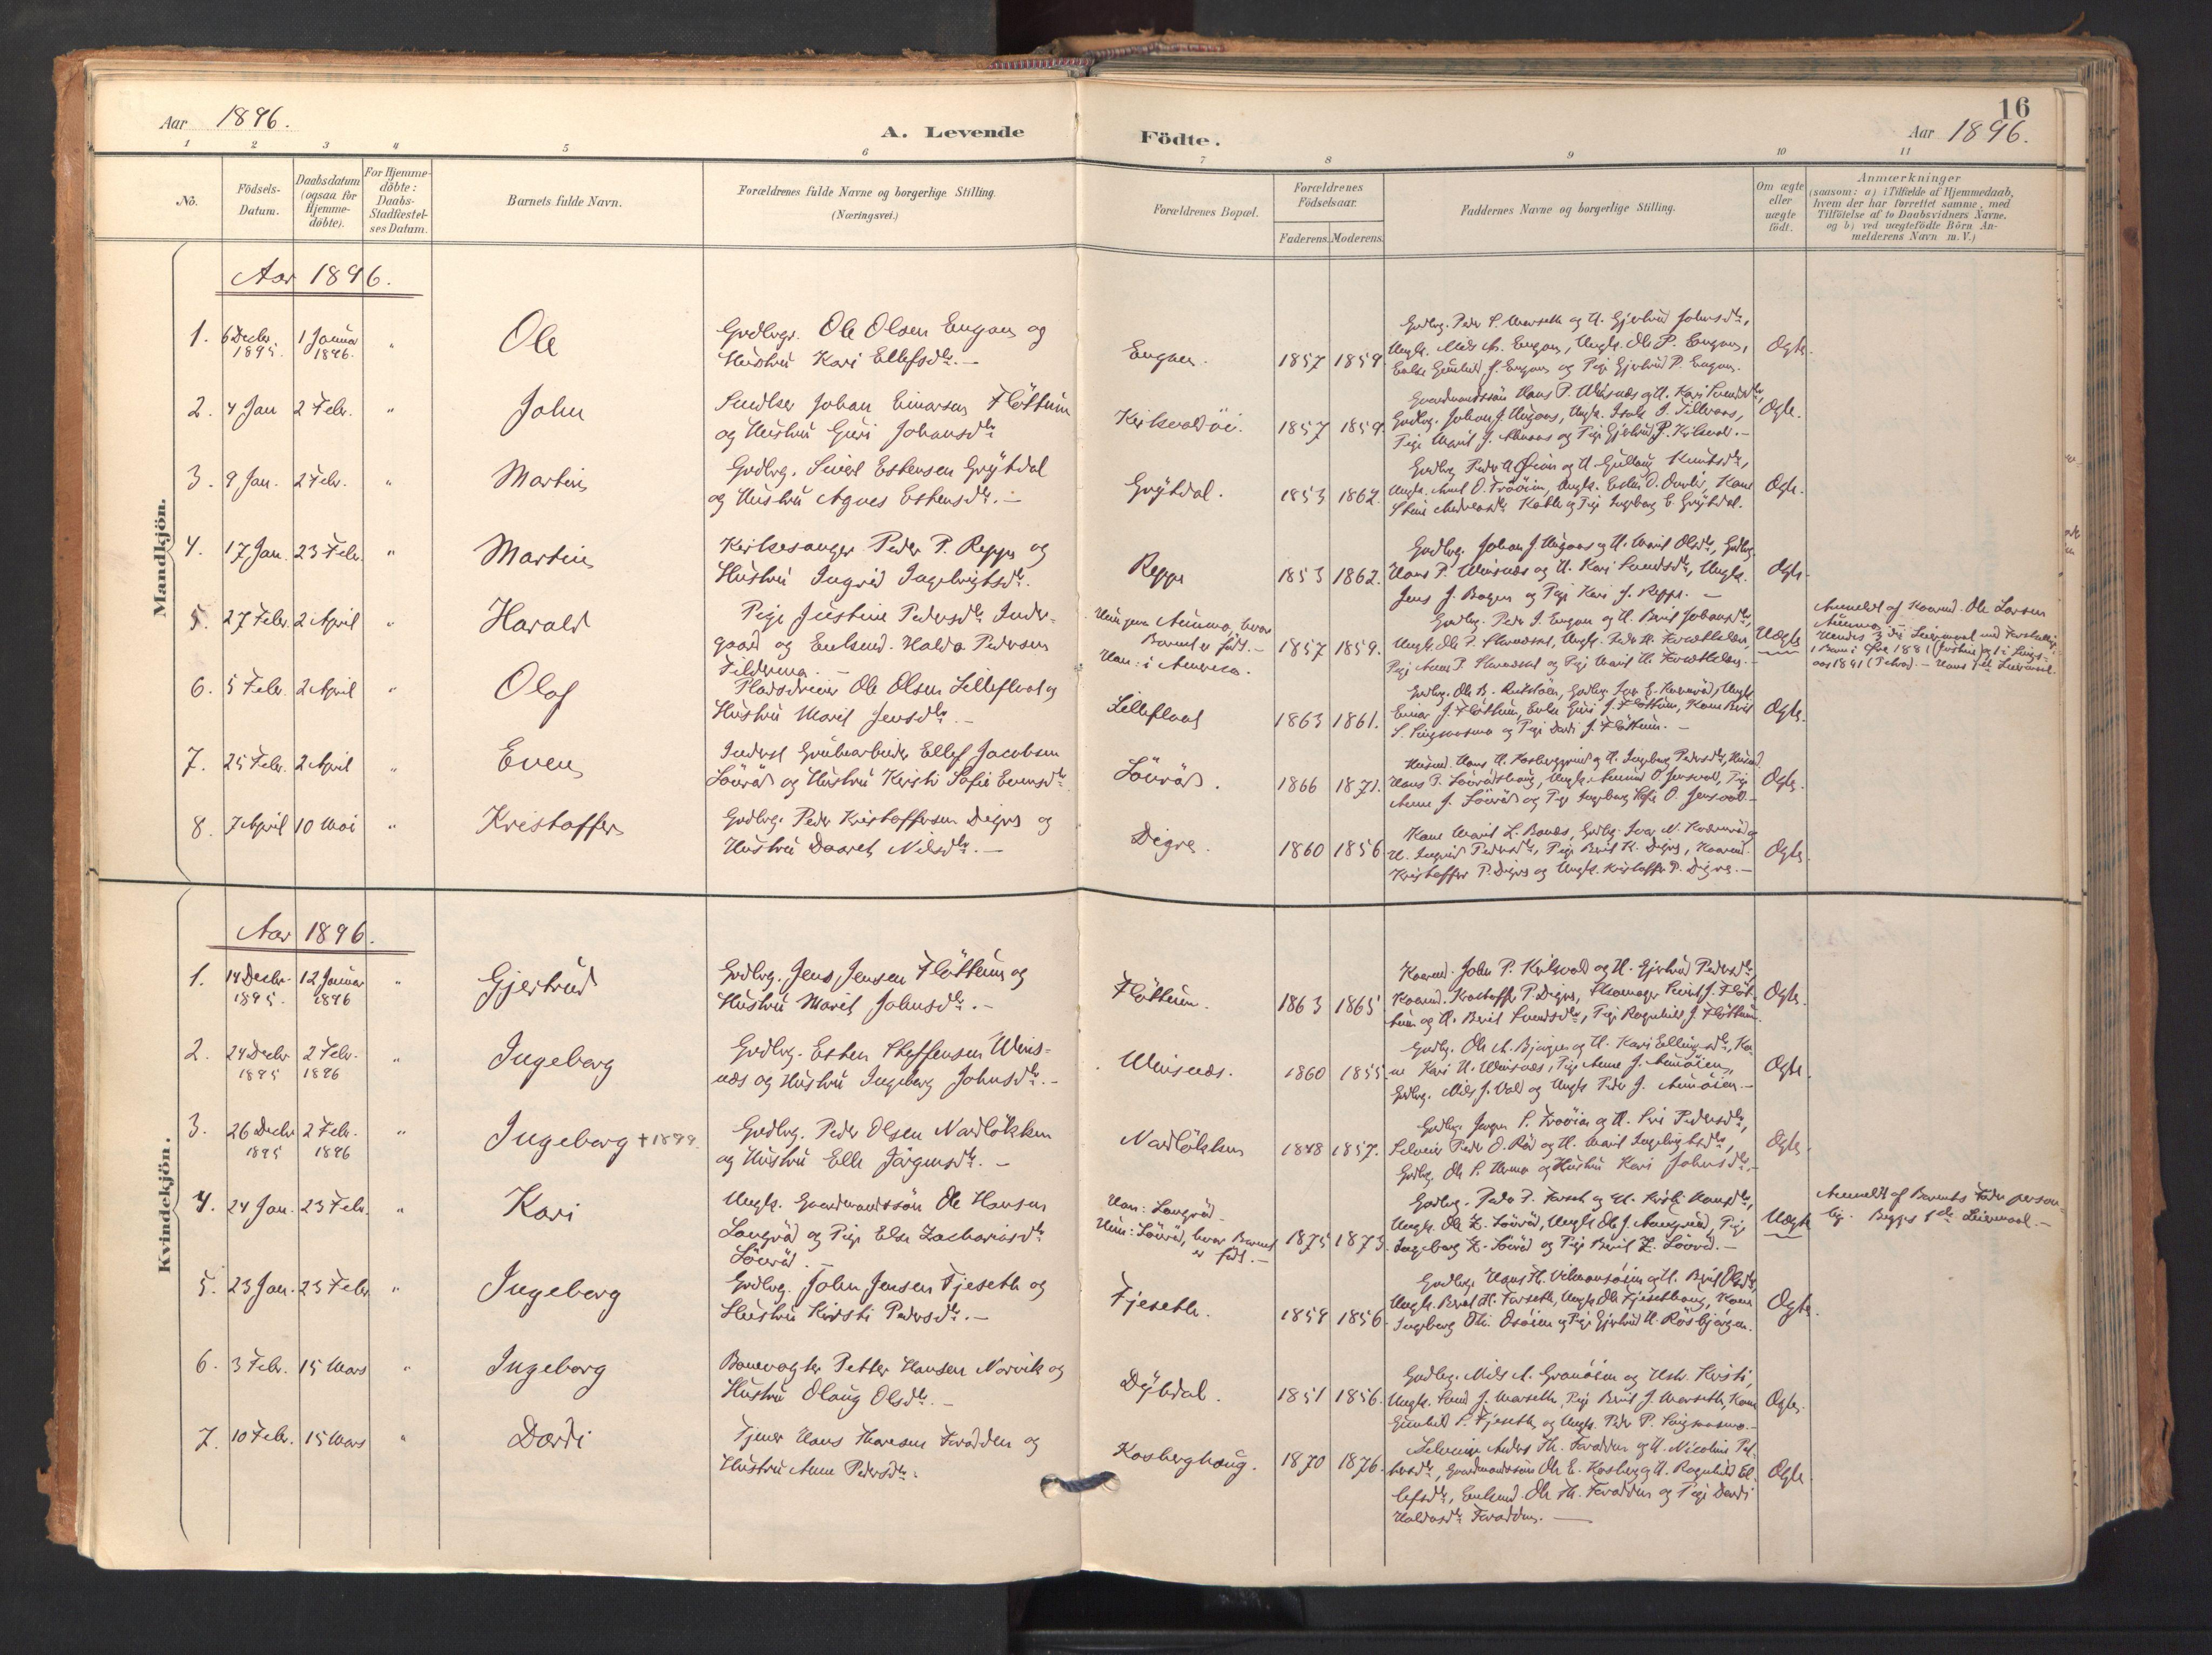 SAT, Ministerialprotokoller, klokkerbøker og fødselsregistre - Sør-Trøndelag, 688/L1025: Ministerialbok nr. 688A02, 1891-1909, s. 16